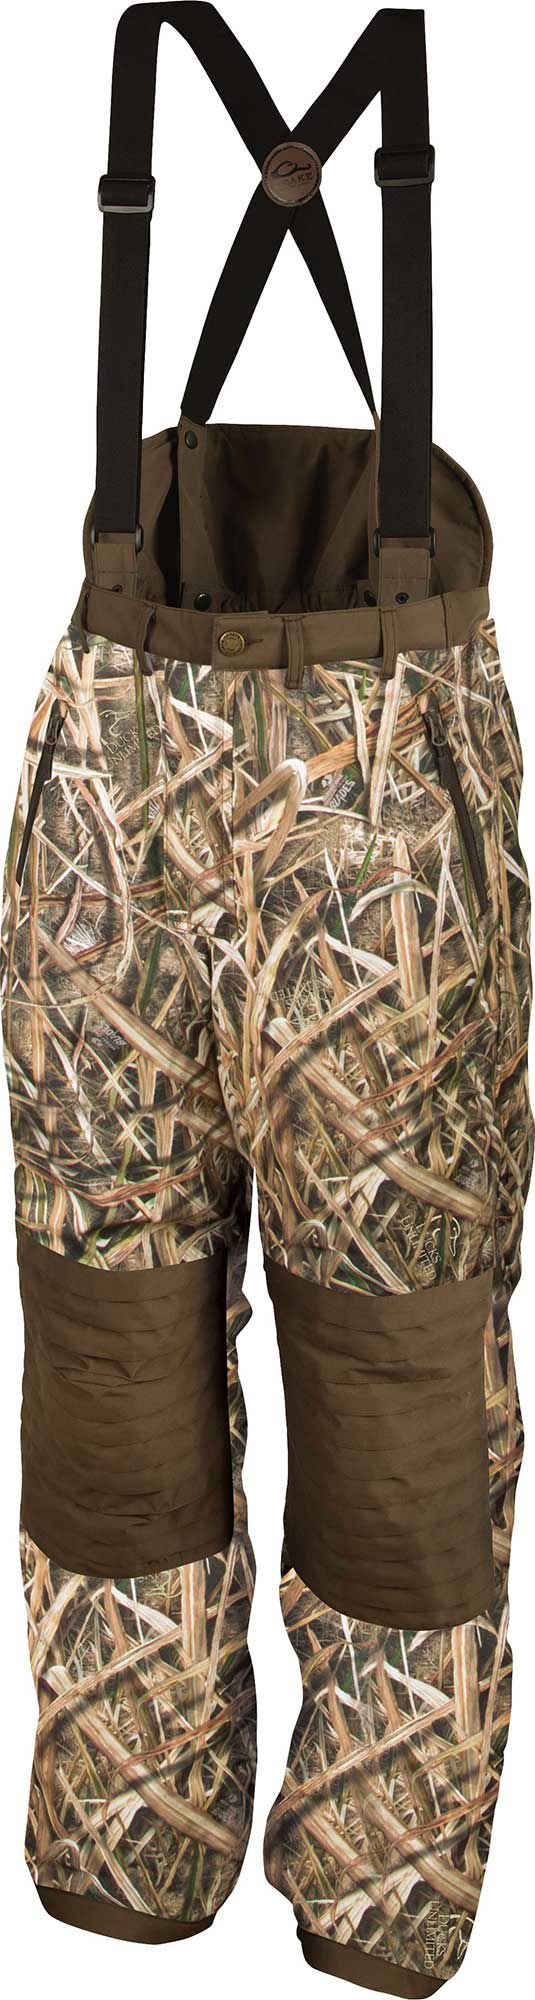 Drake Waterfowl Men's Guardian Elite High-Back Hunting Pants, Size: Medium, Brown